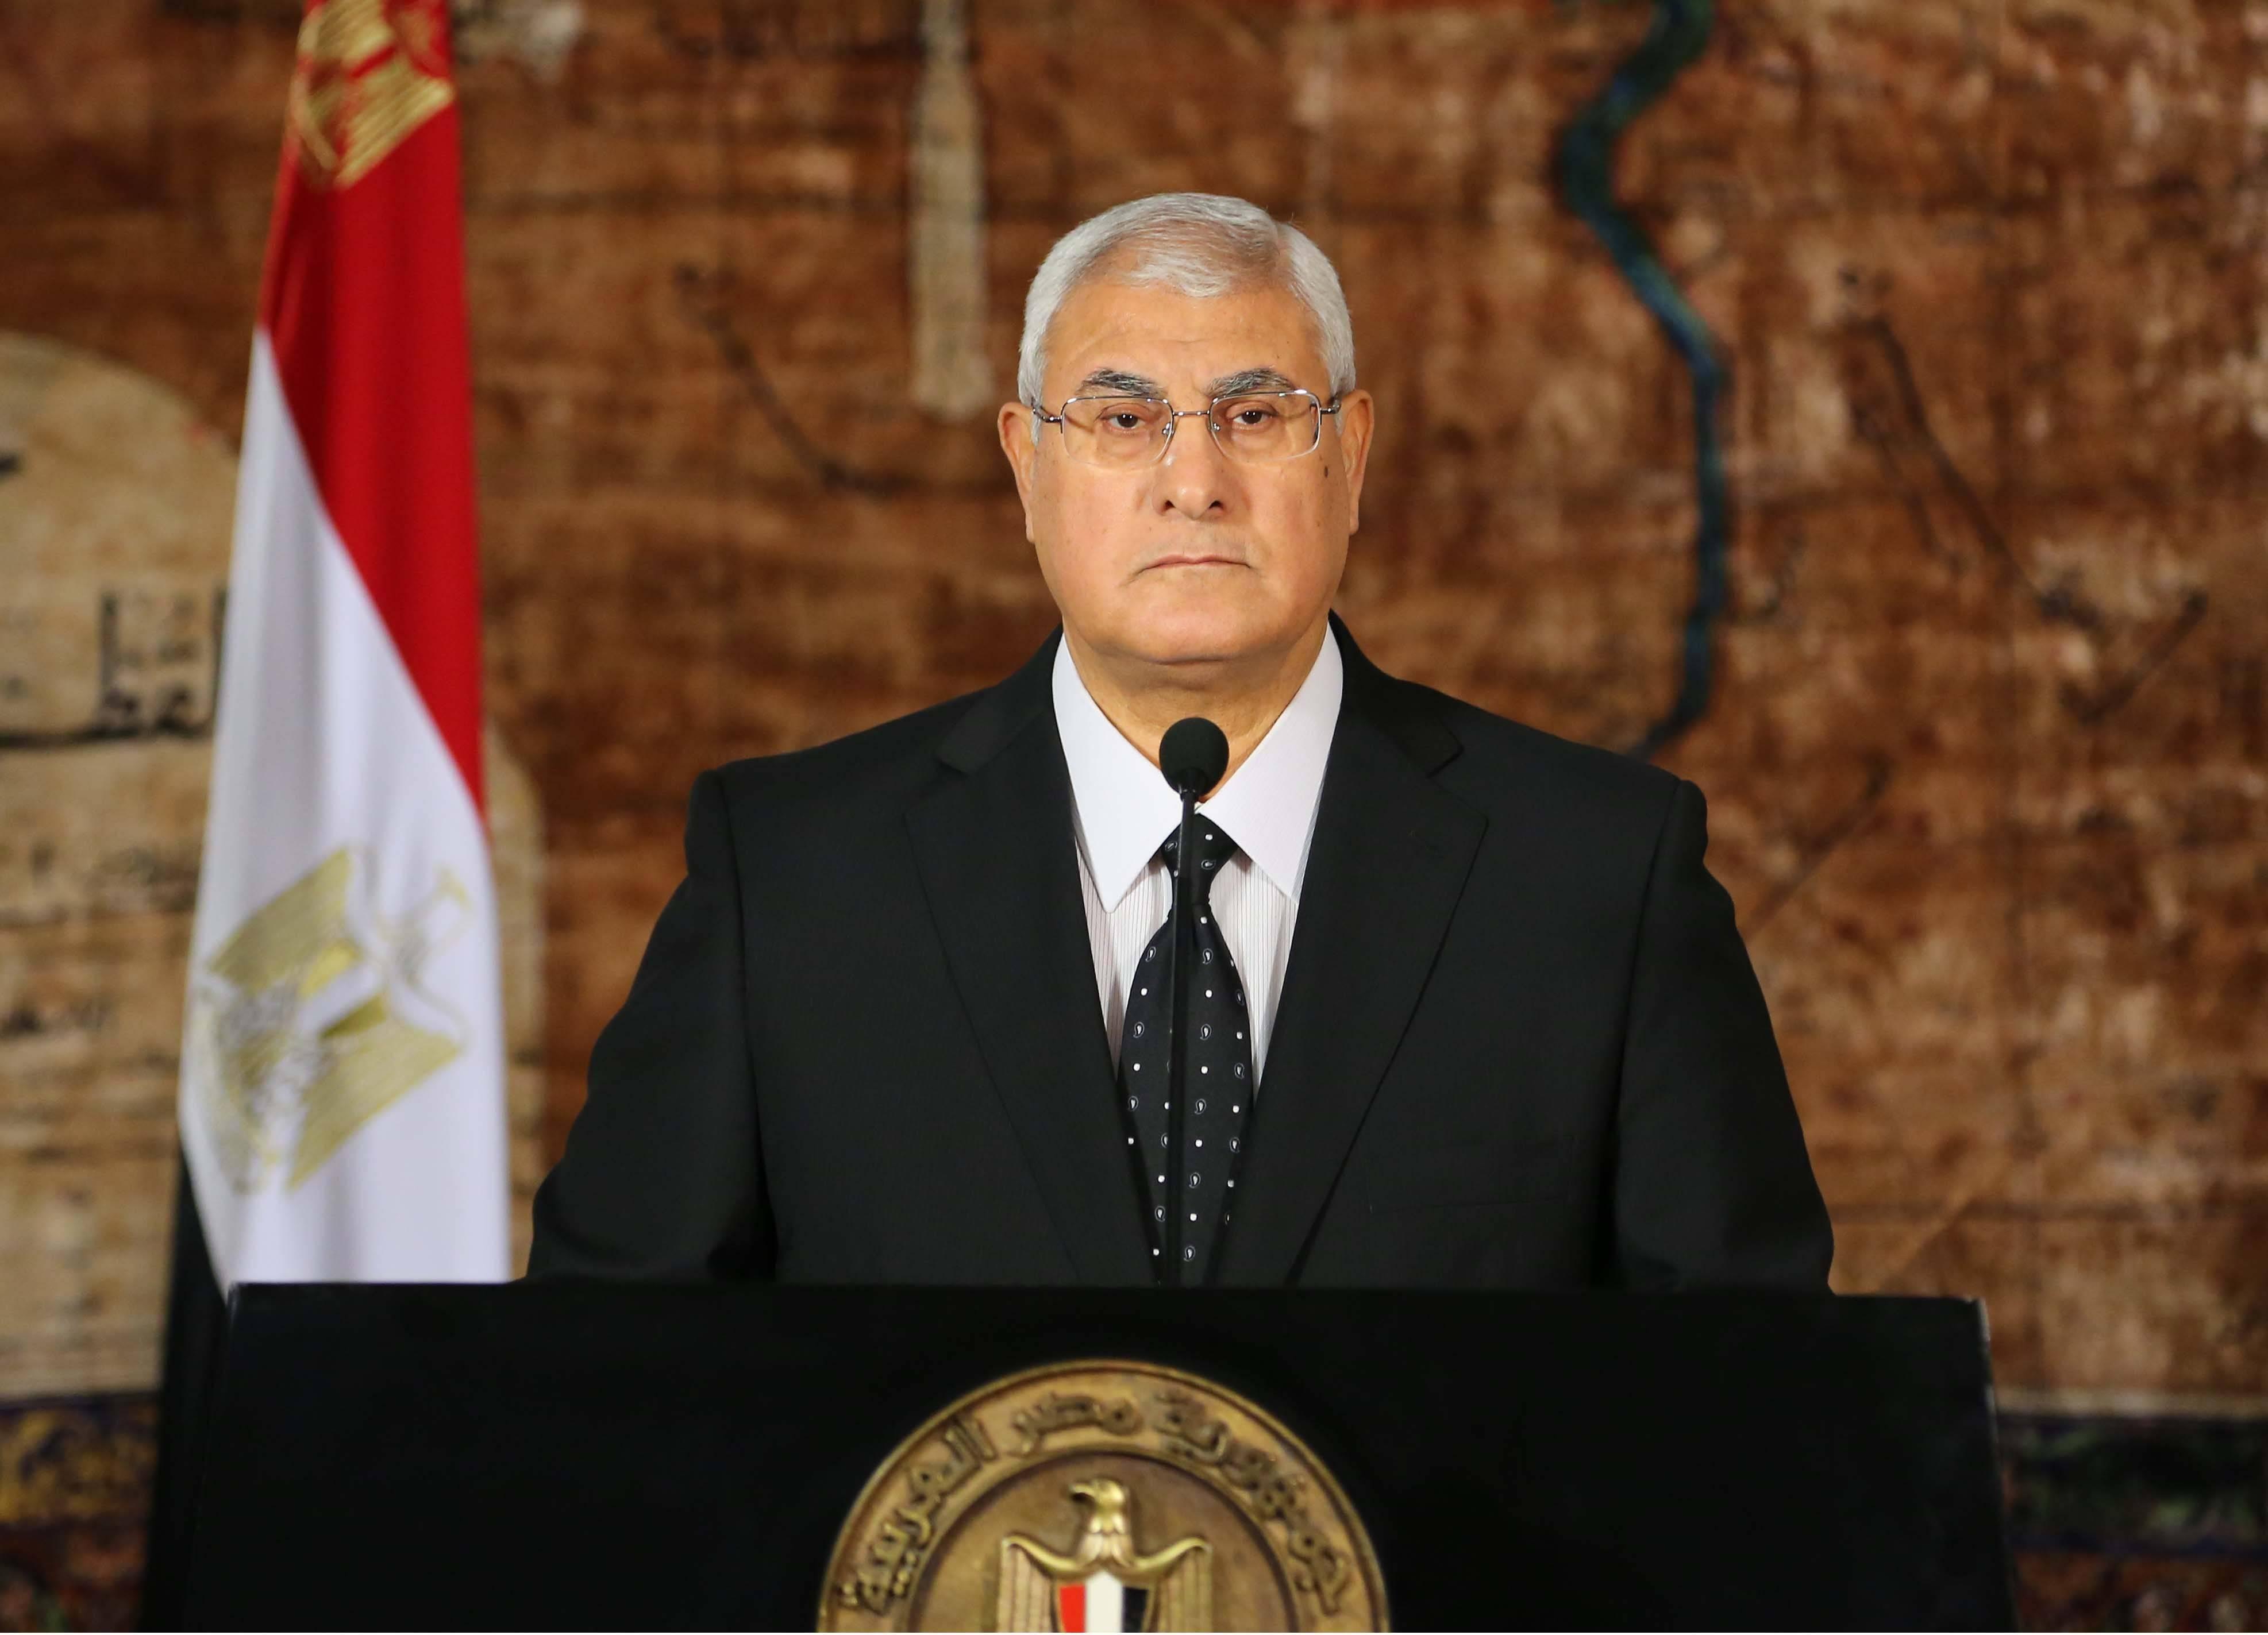 المستشار عدلي منصور رئيس الجمهورية المؤقت